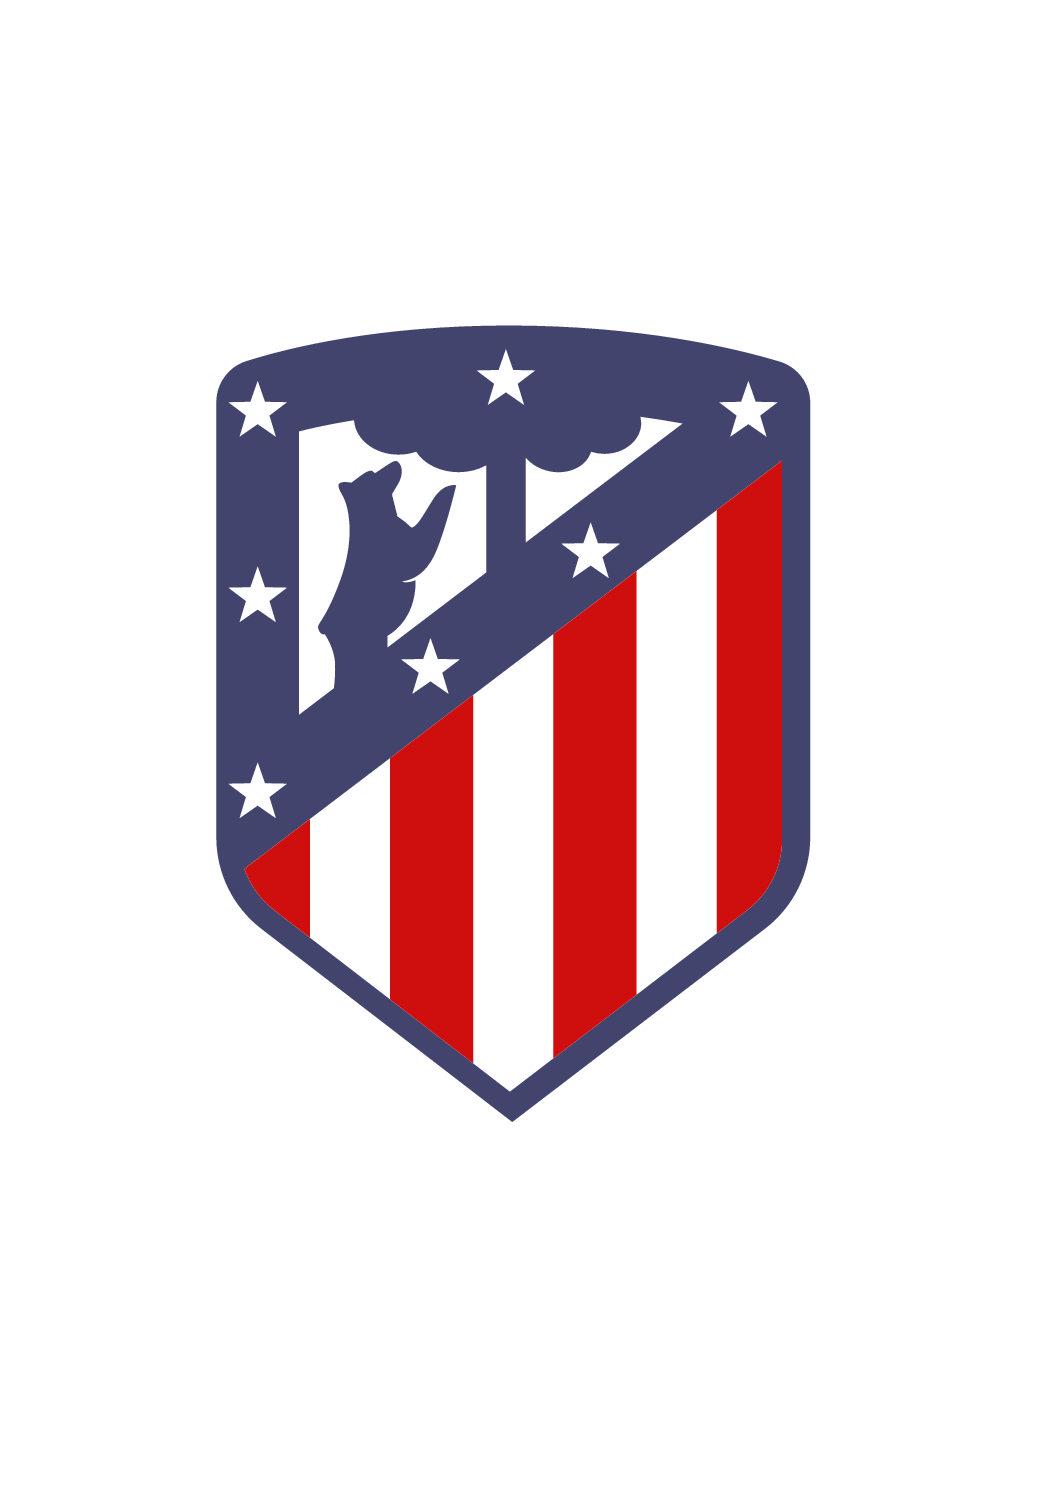 Fardamento personalizado para equipe do Atlético, da cidade de Campos Borges.